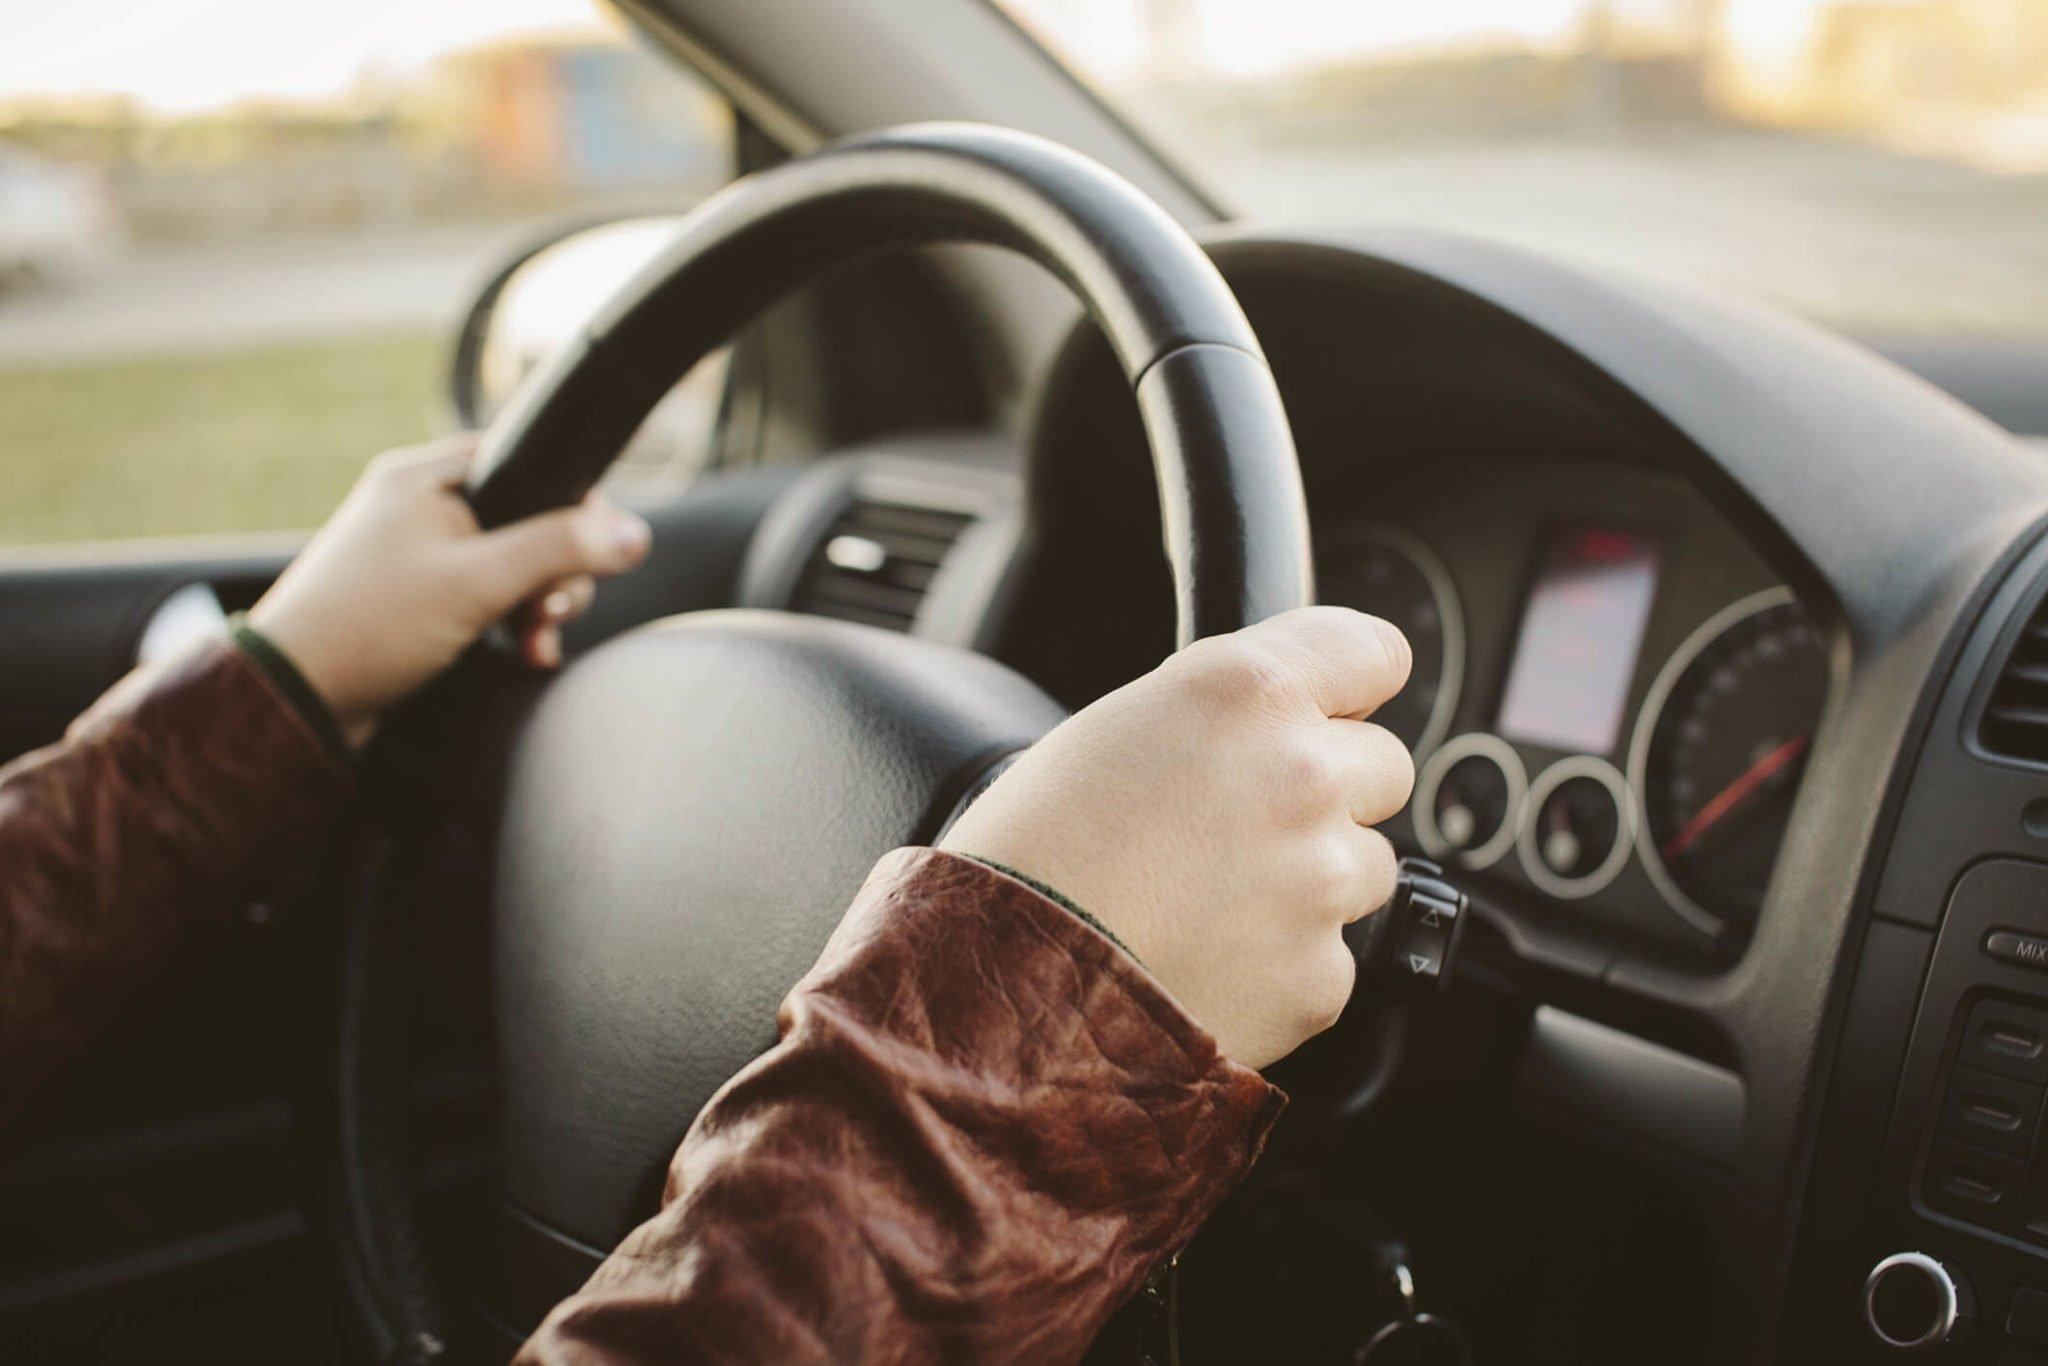 Αλλάζουν όλα στα διπλώματα και τις εξετάσεις οδήγησης – Αναλυτικά όσα προβλέπει το νομοσχέδιο